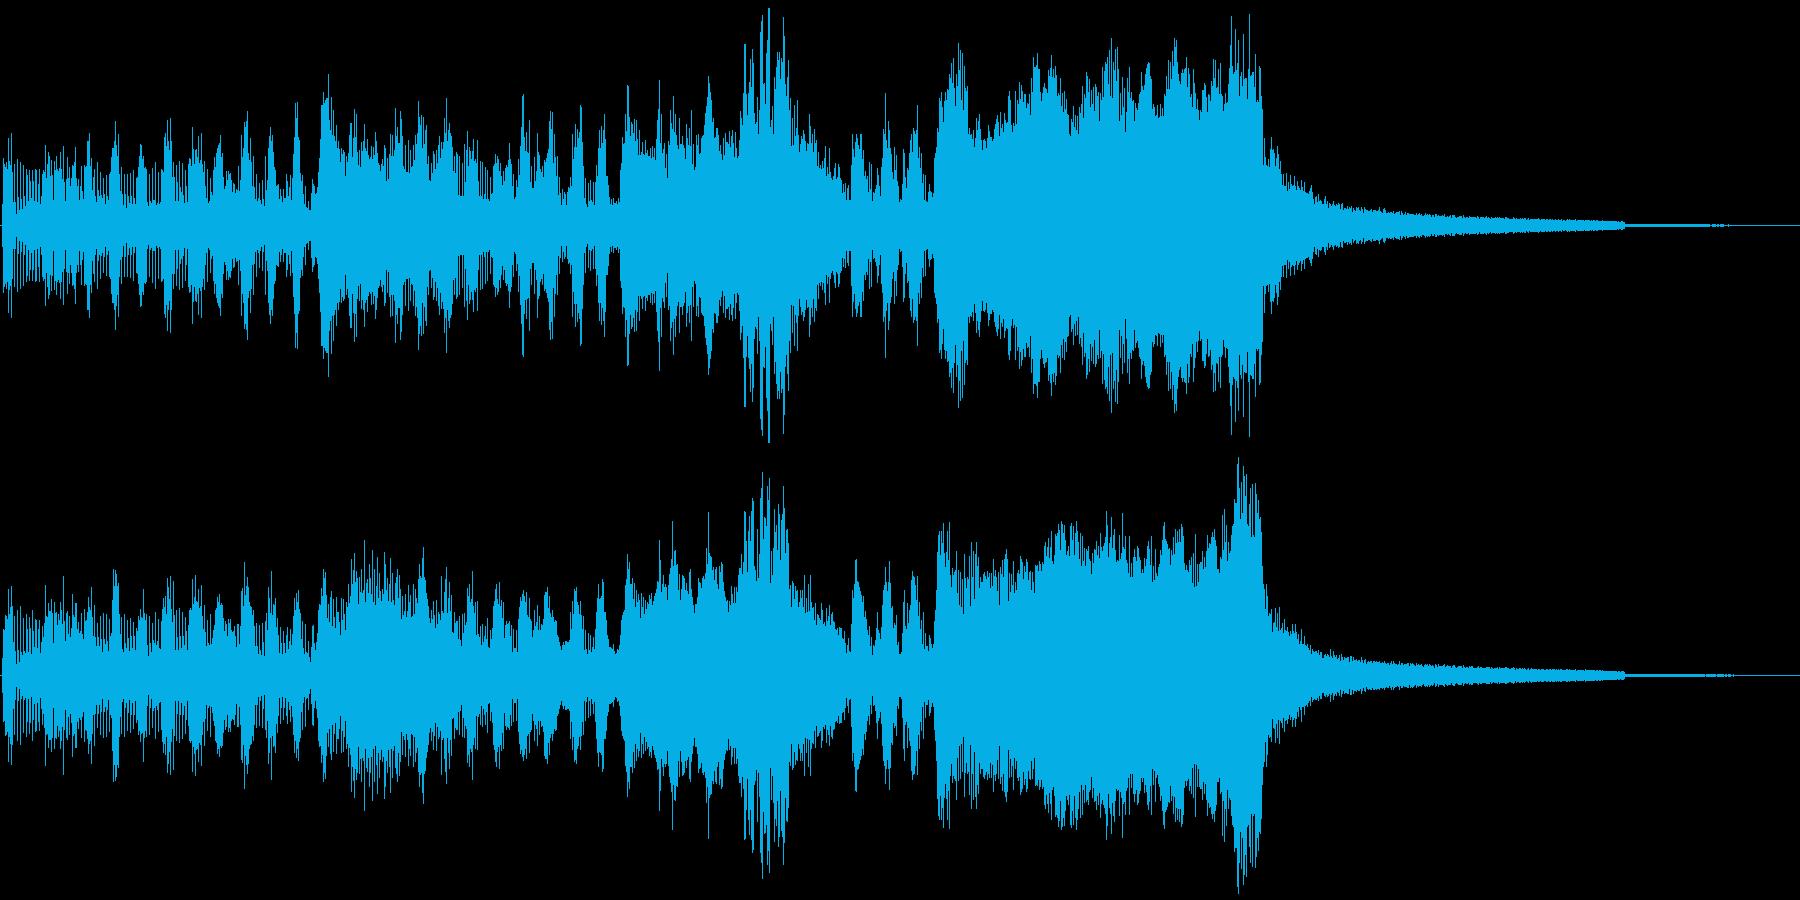 G1競馬風のファンファーレ・賞発表の再生済みの波形